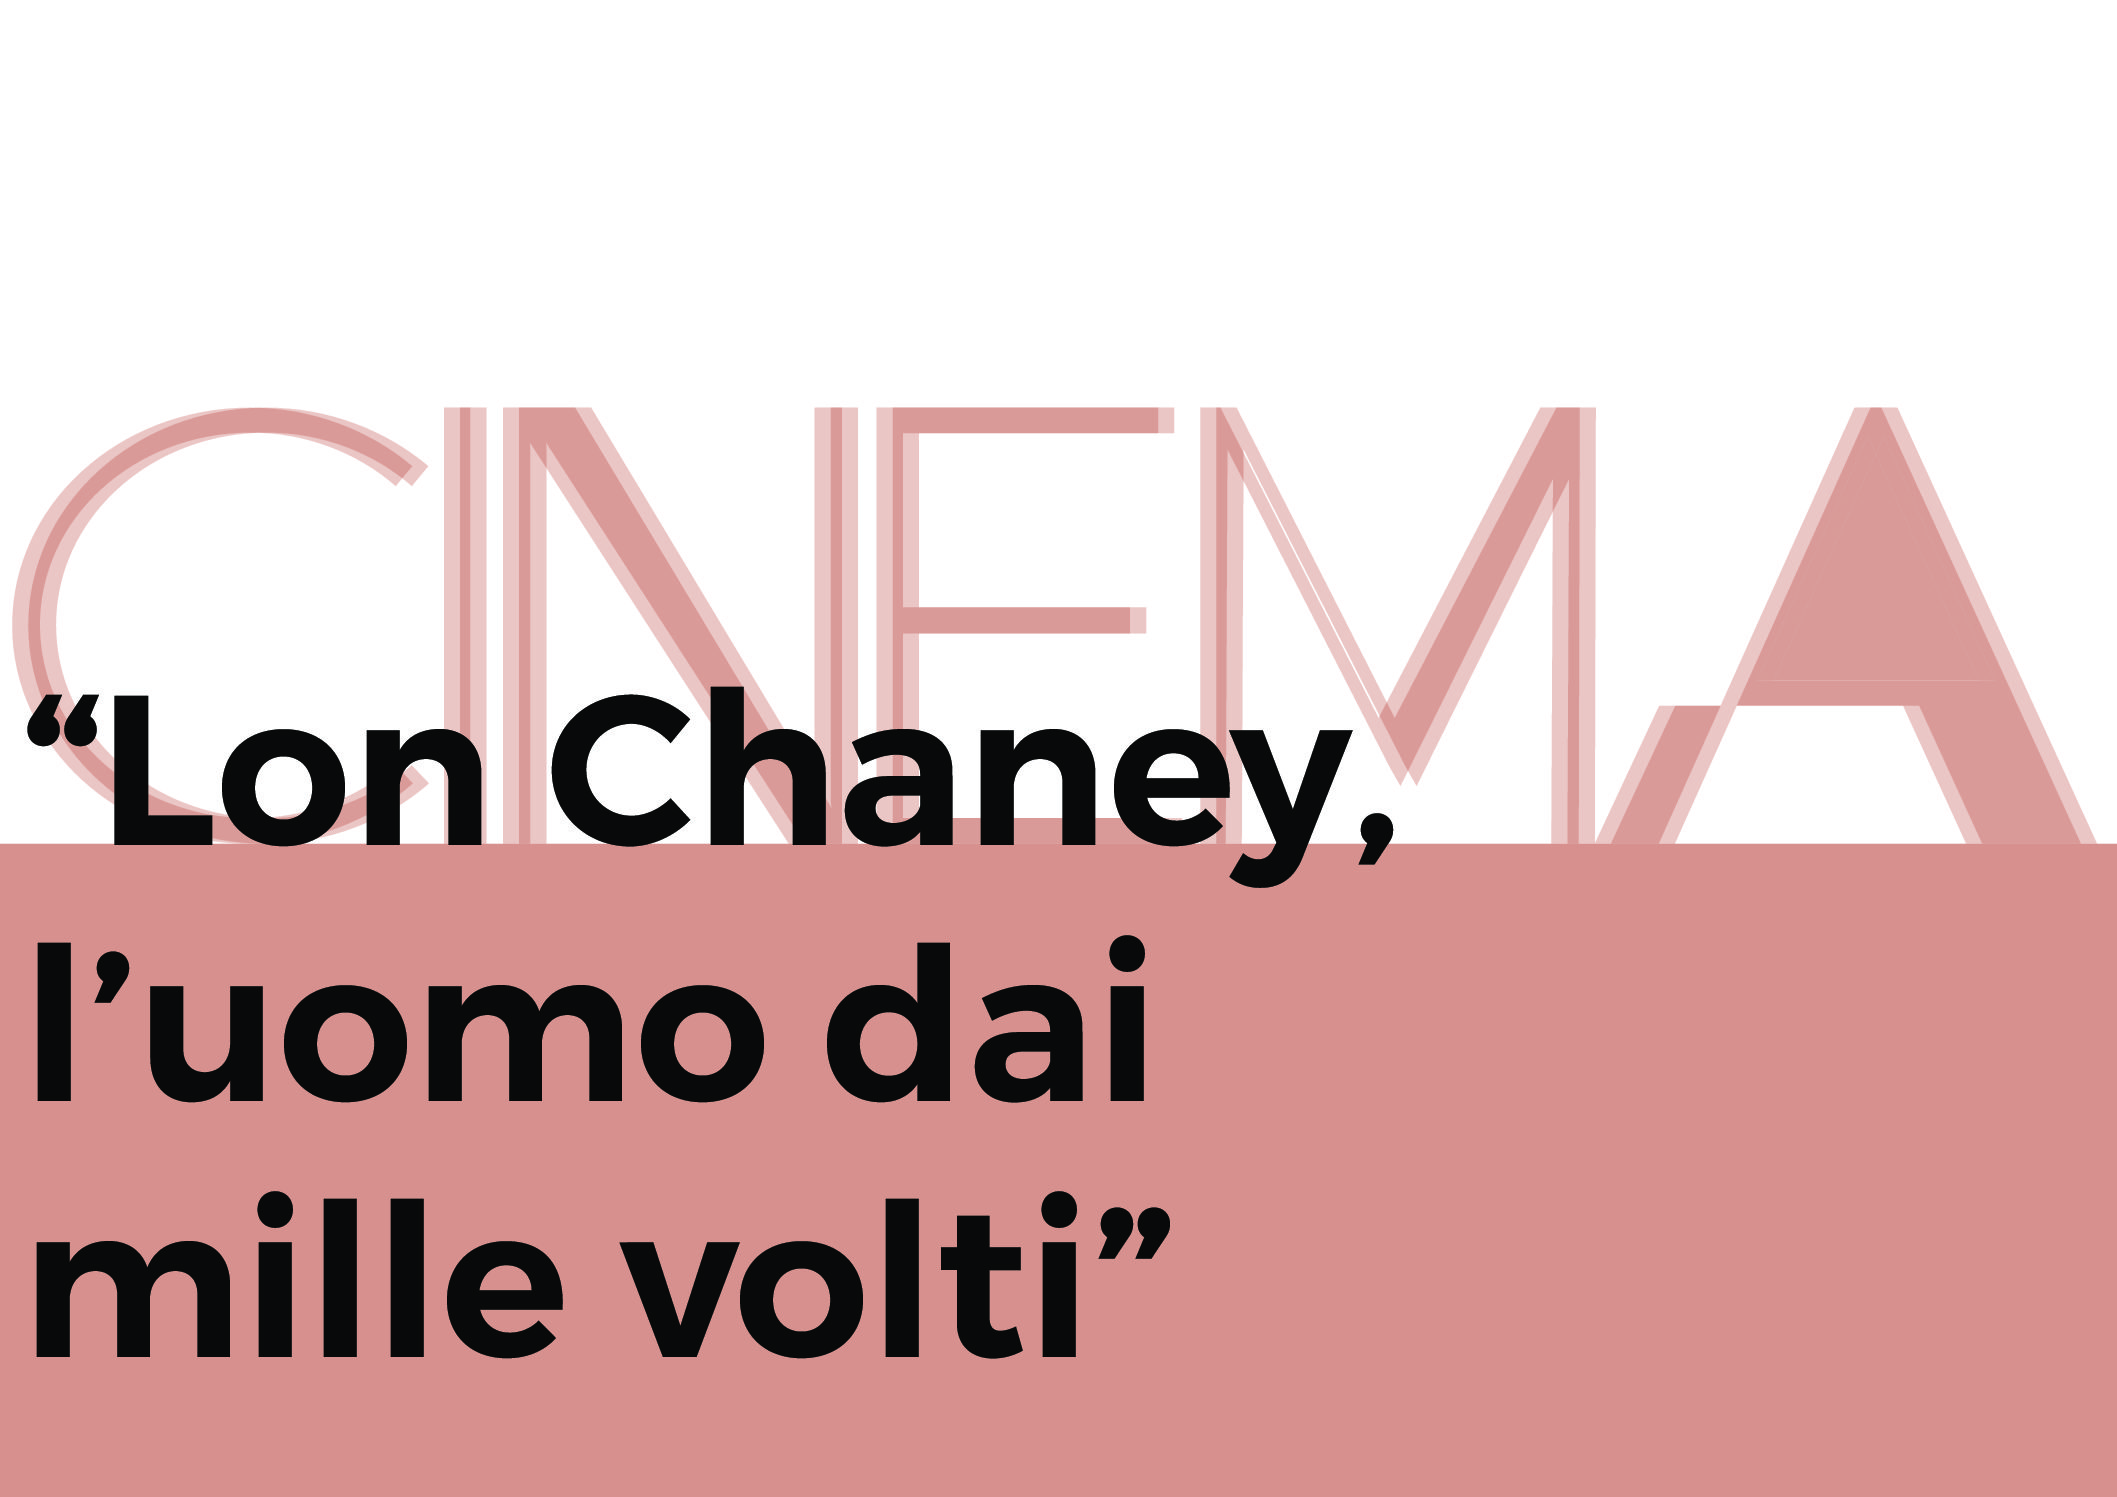 Lon Chaney, l'uomo dai mille volti – immagine